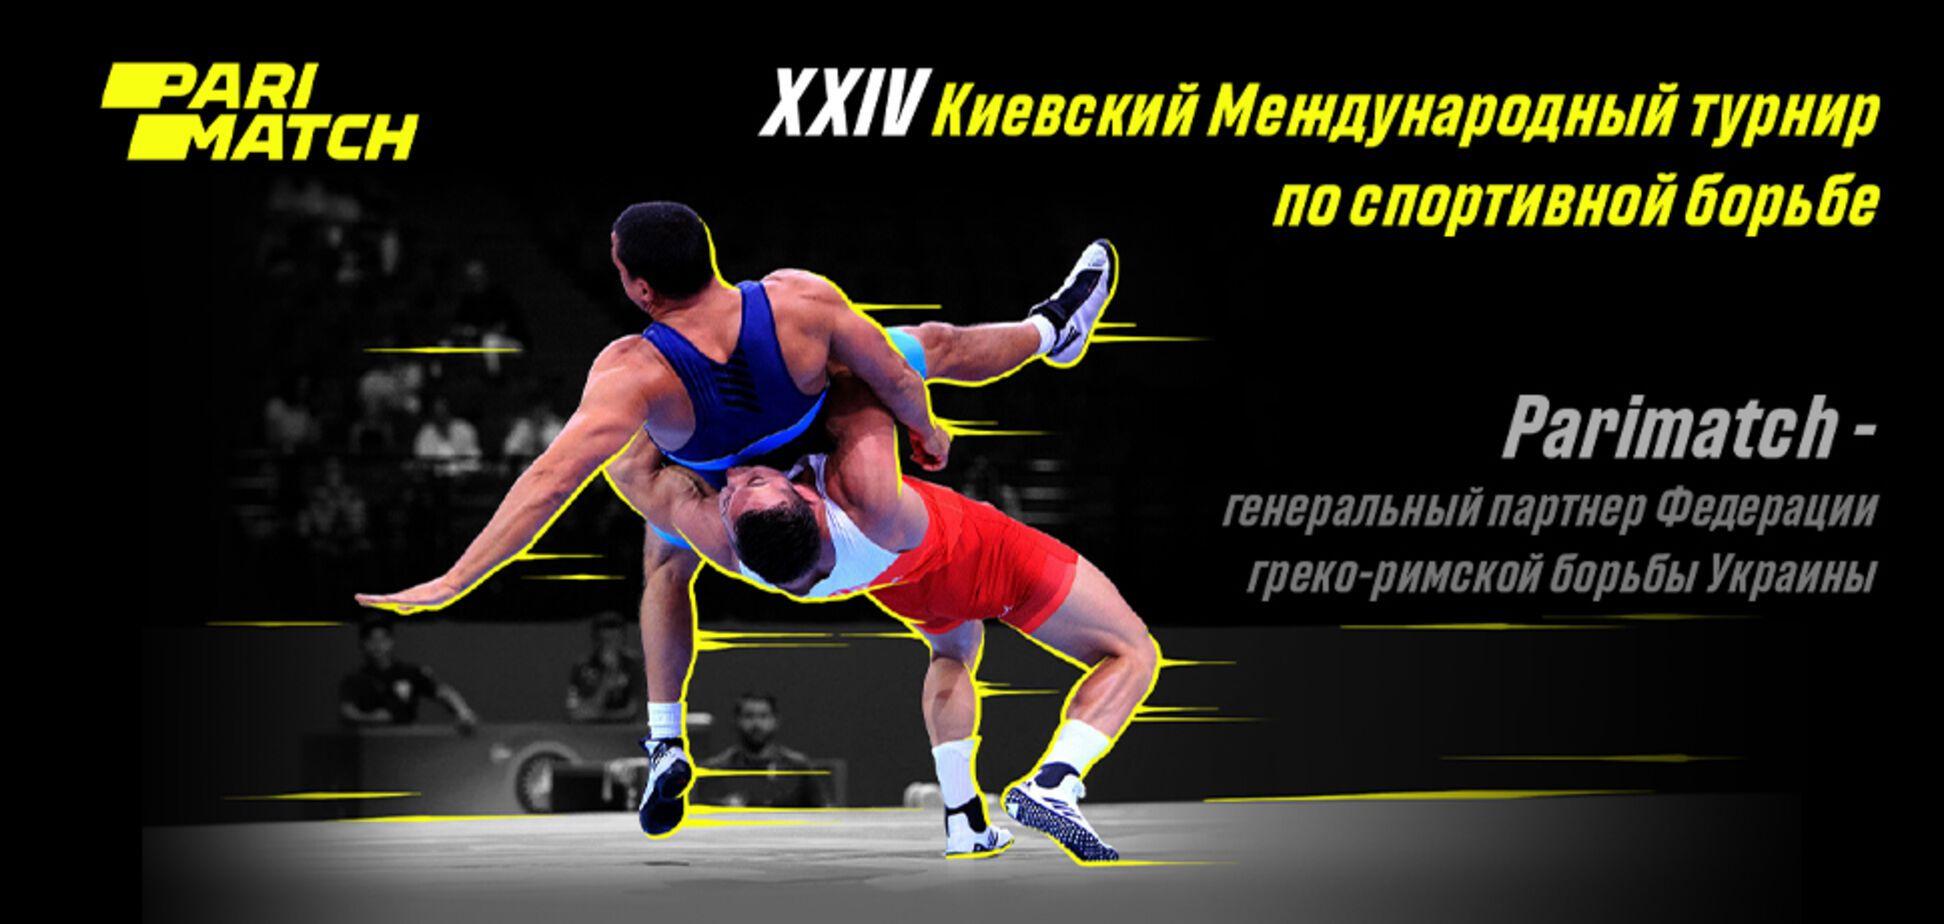 В Киеве пройдет XXIV Международный турнир по трем видам борьбы